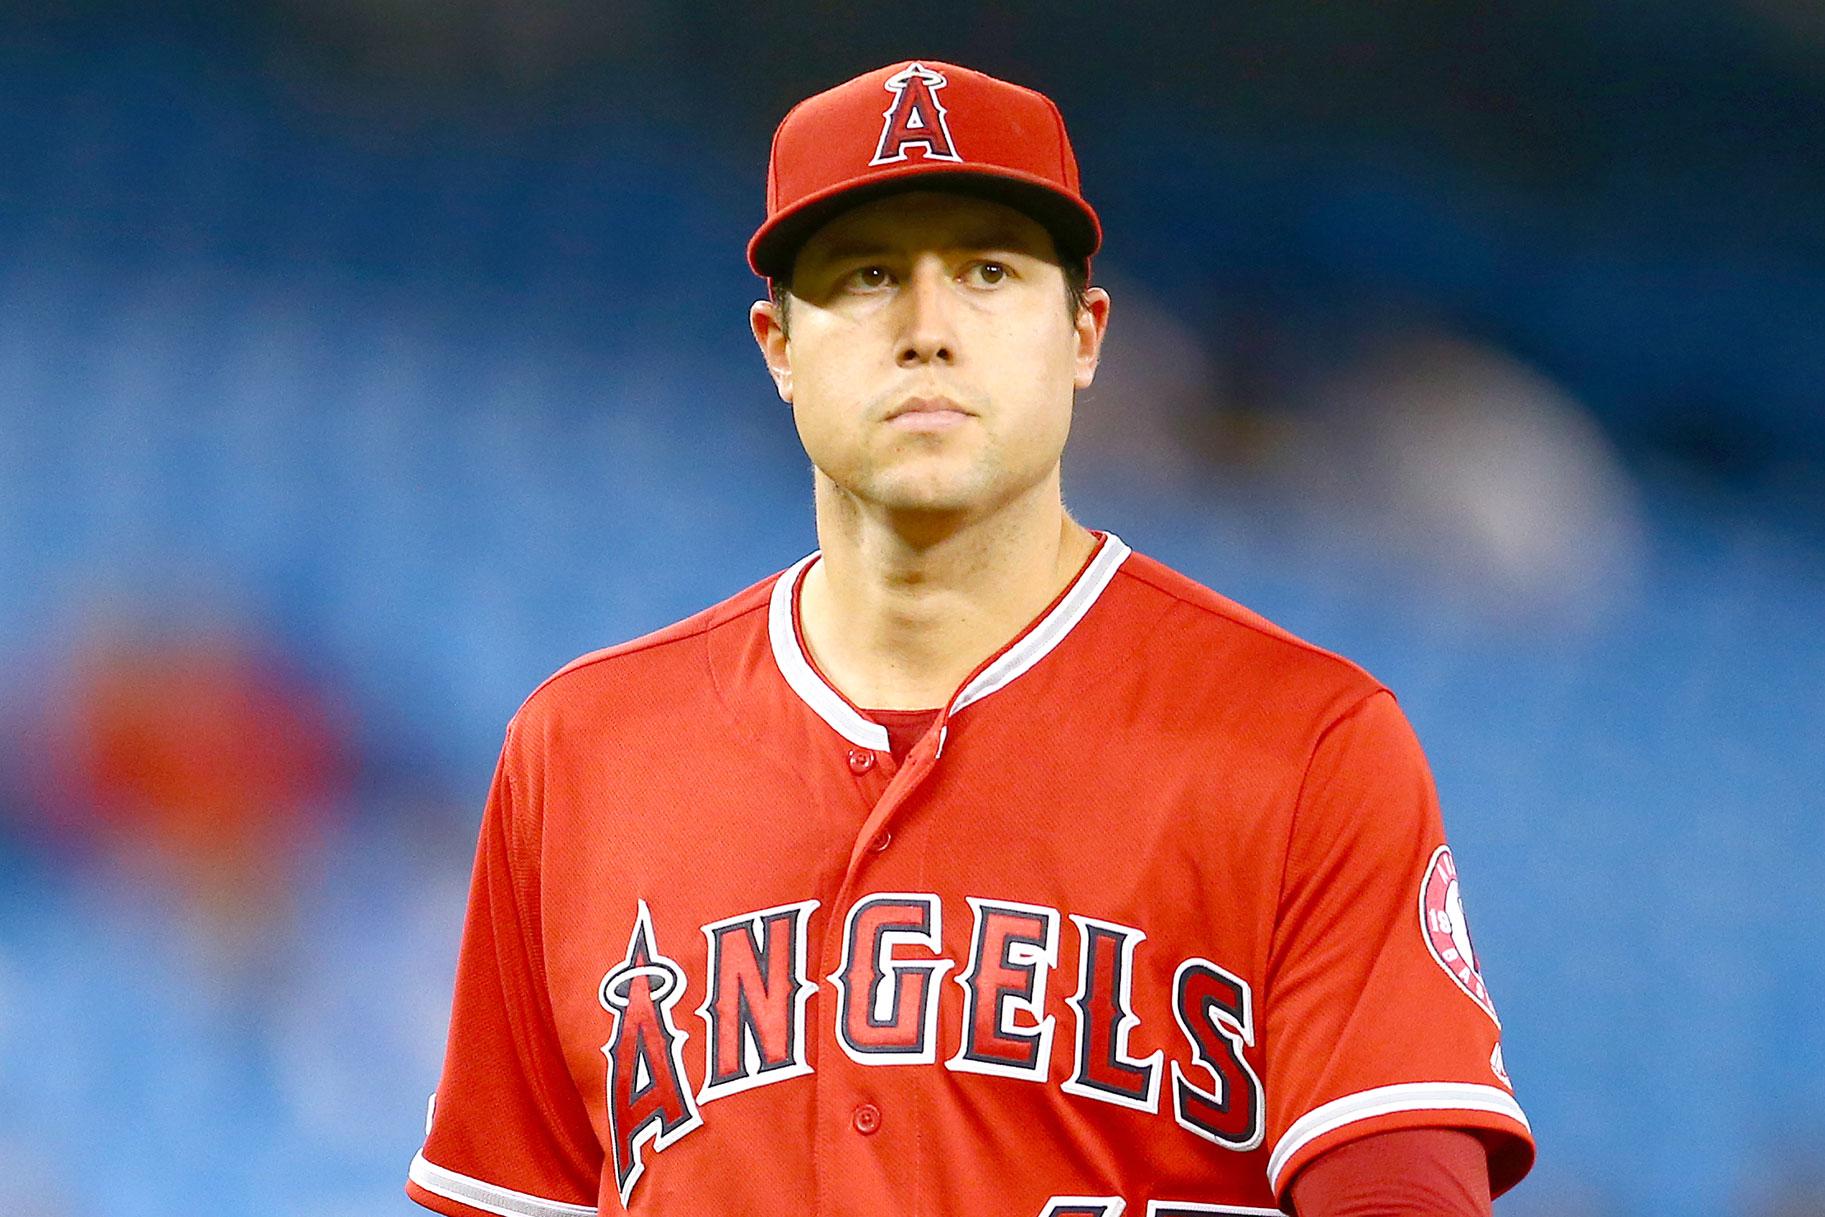 Causa de muerte aún no conocida para el lanzador de los Angelinos de Los Ángeles, Tyler Skaggs, quien fue encontrado inconsciente en una habitación de hotel